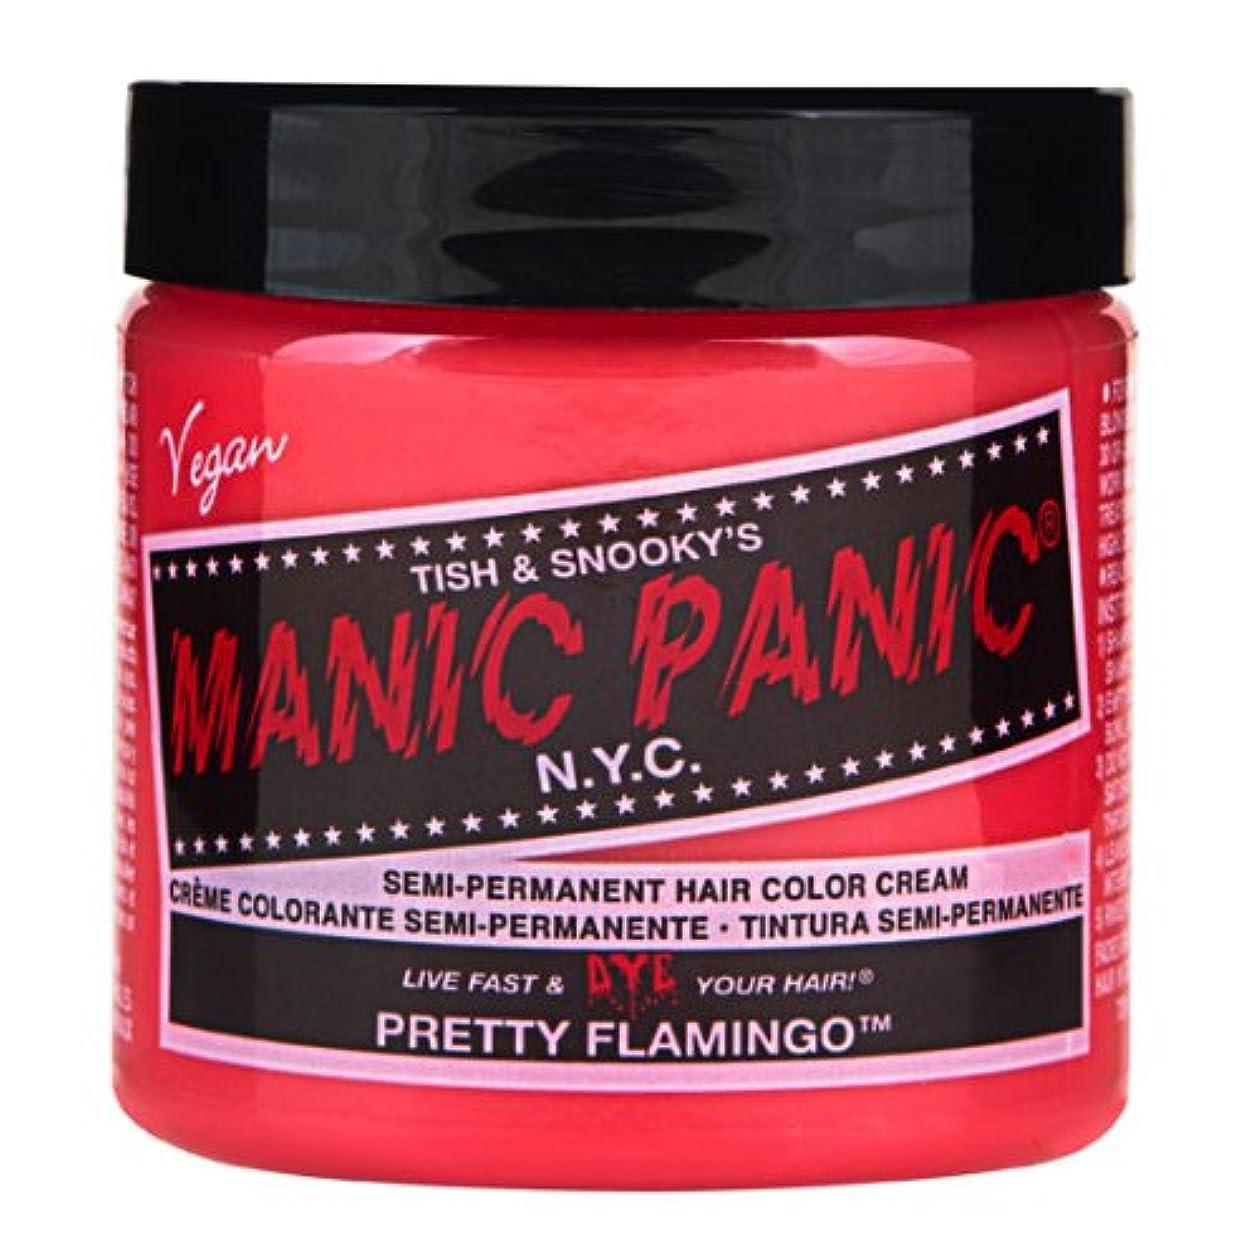 肩をすくめるインシュレータ食品スペシャルセットMANIC PANICマニックパニック:Pretty Flamingo (プリティーフラミンゴ)+ヘアカラーケア4点セット